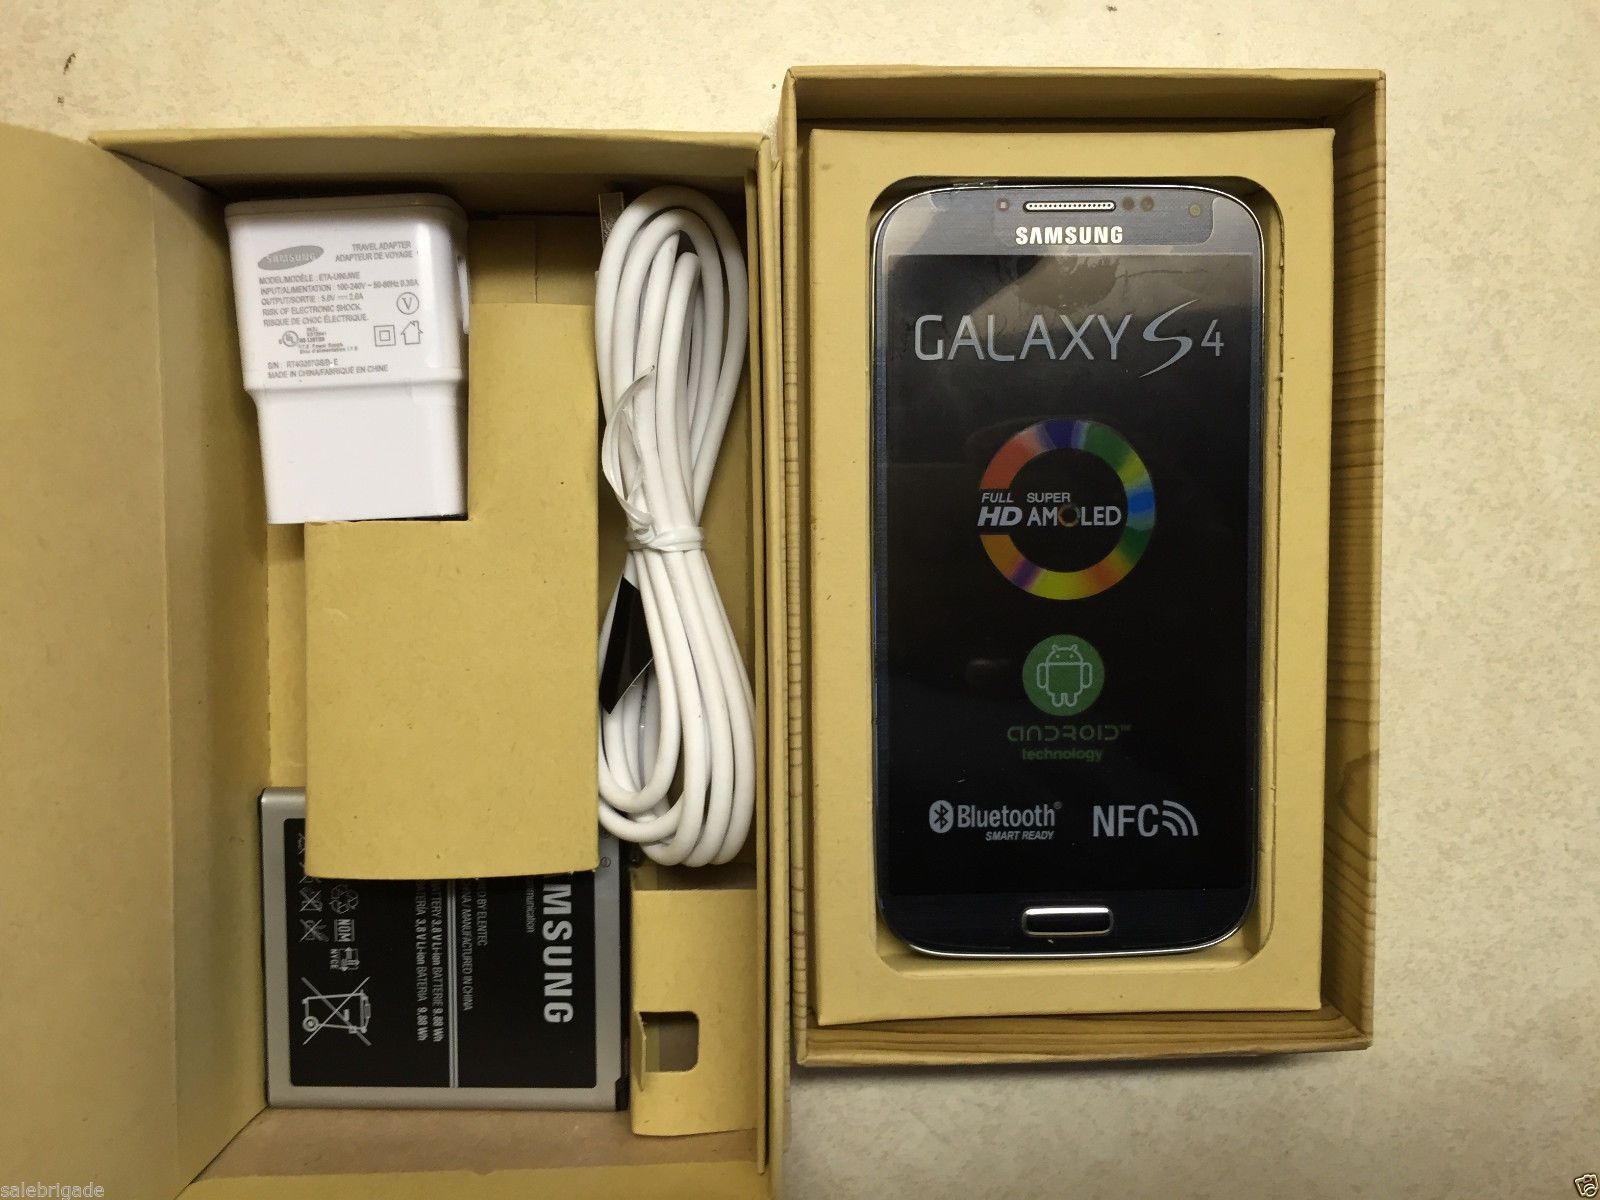 NEW in BOX SAMSUNG GALAXY S4 SGH- I337 16GB BLACK MIST AT&T